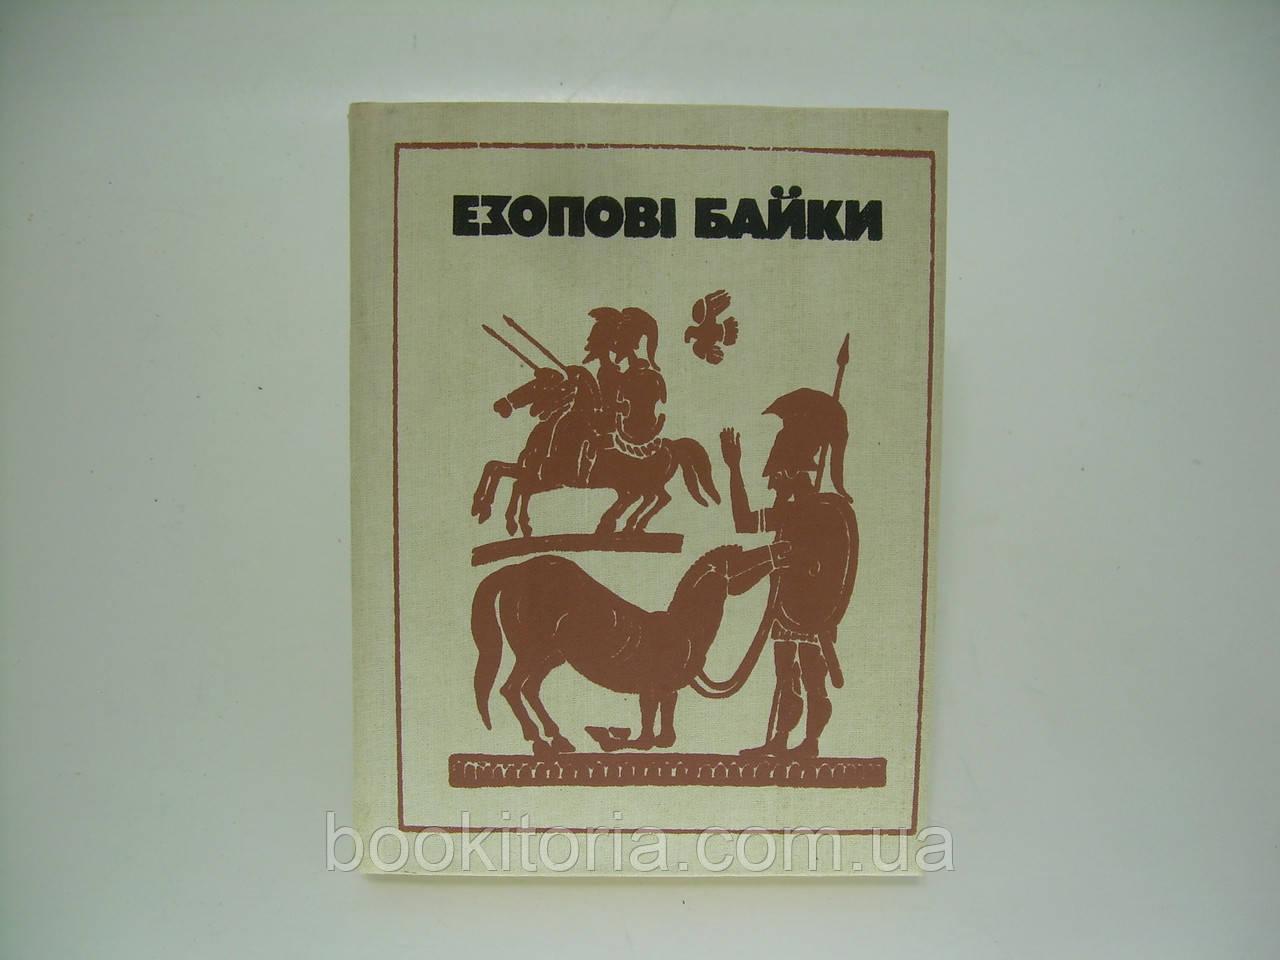 Езопові байки (б/у).